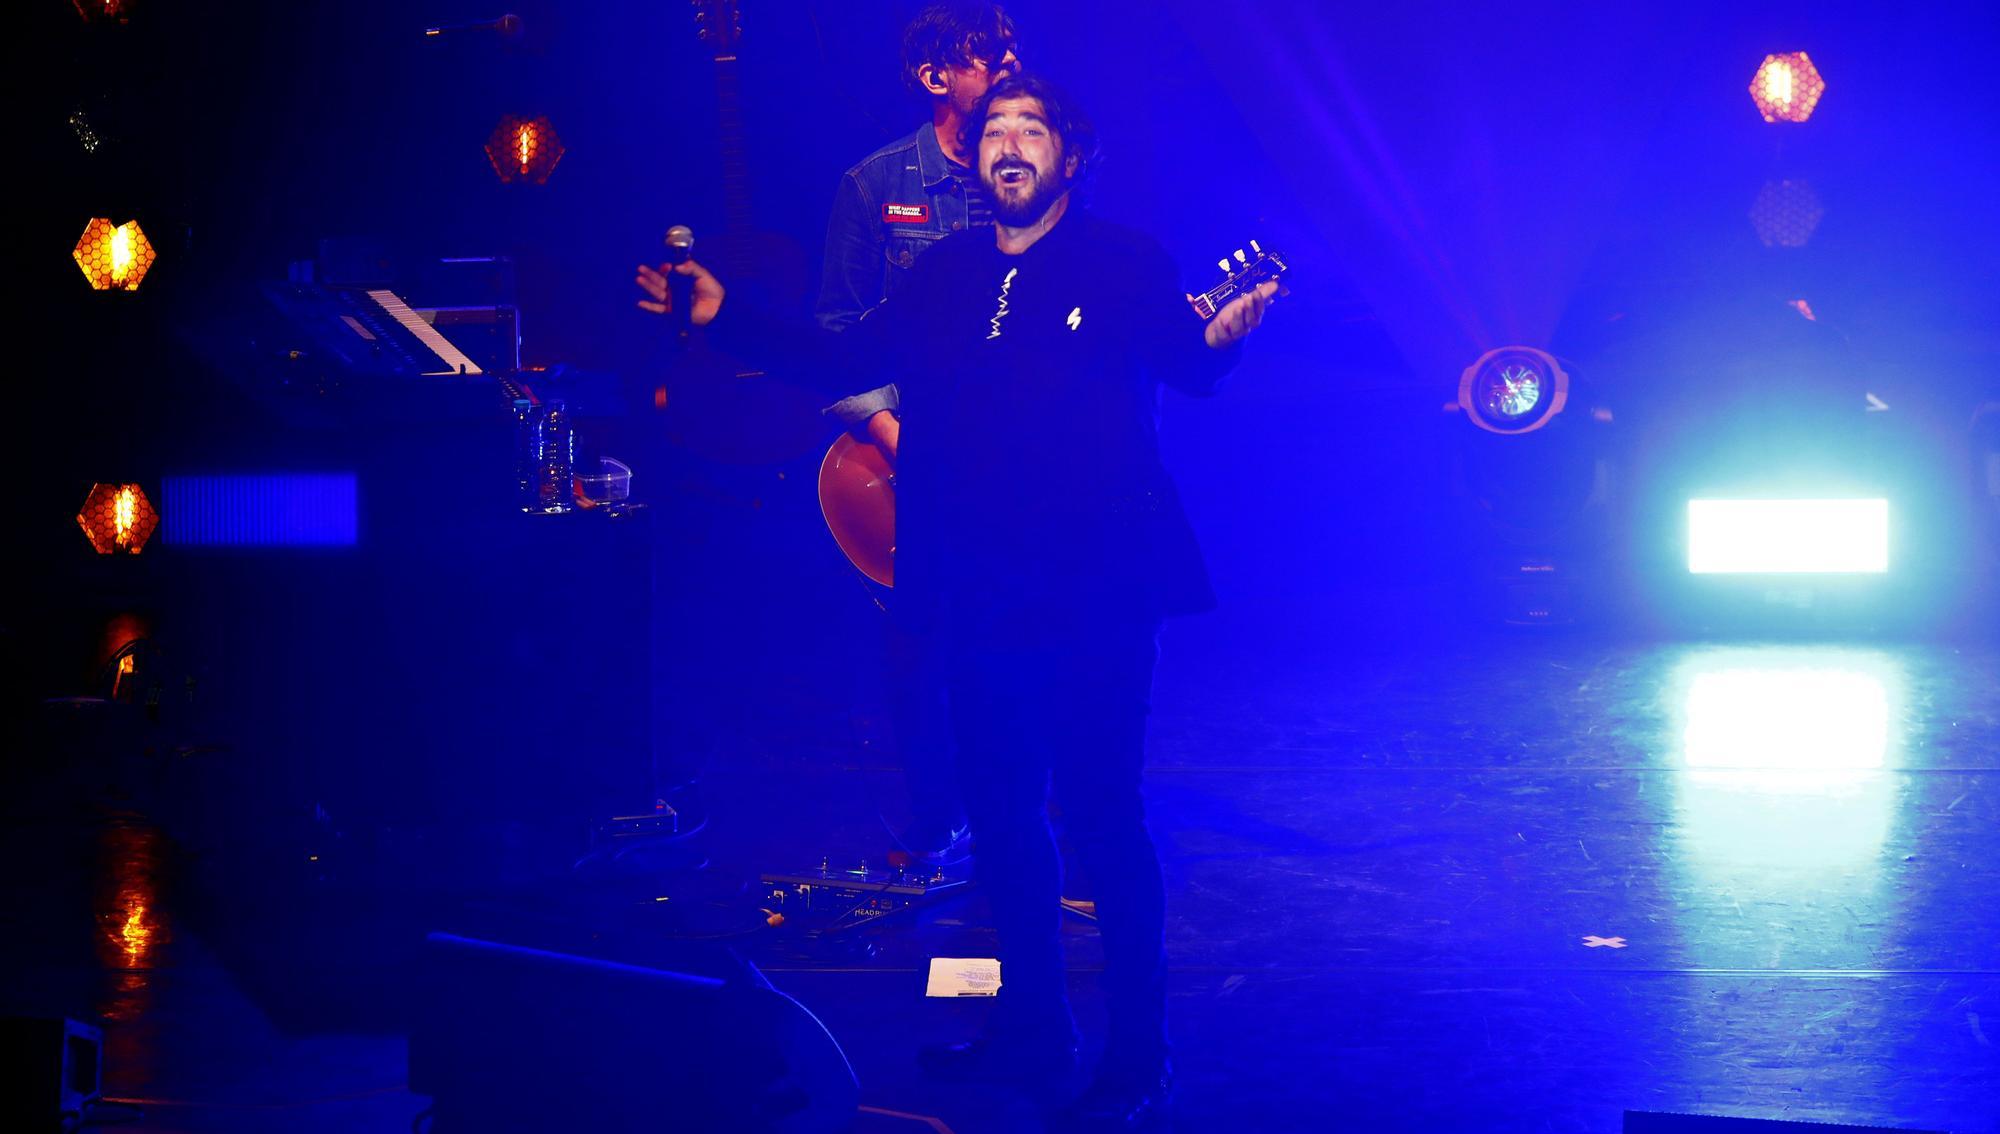 Antonio Orozco trae al Auditorio de Zaragoza 'Aviónica', su nuevo álbum